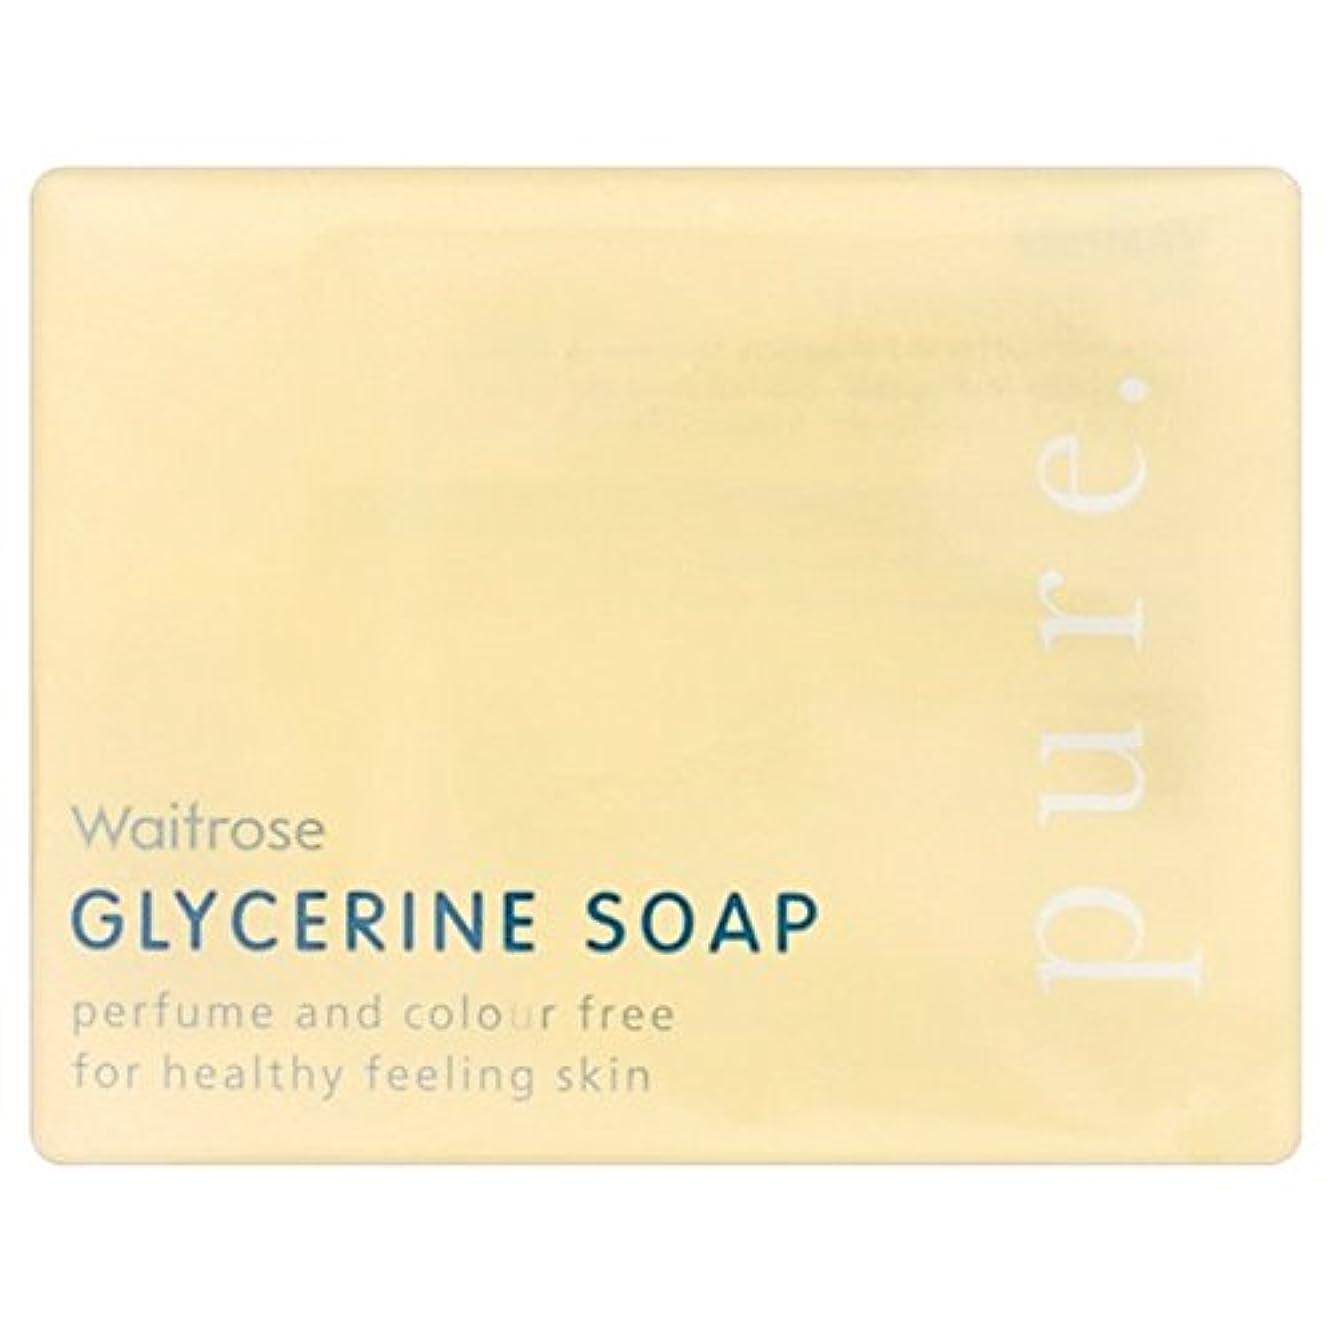 料理仕立て屋ドループ純粋なグリセリンソープウェイトローズの100グラム x4 - Pure Glycerine Soap Waitrose 100g (Pack of 4) [並行輸入品]